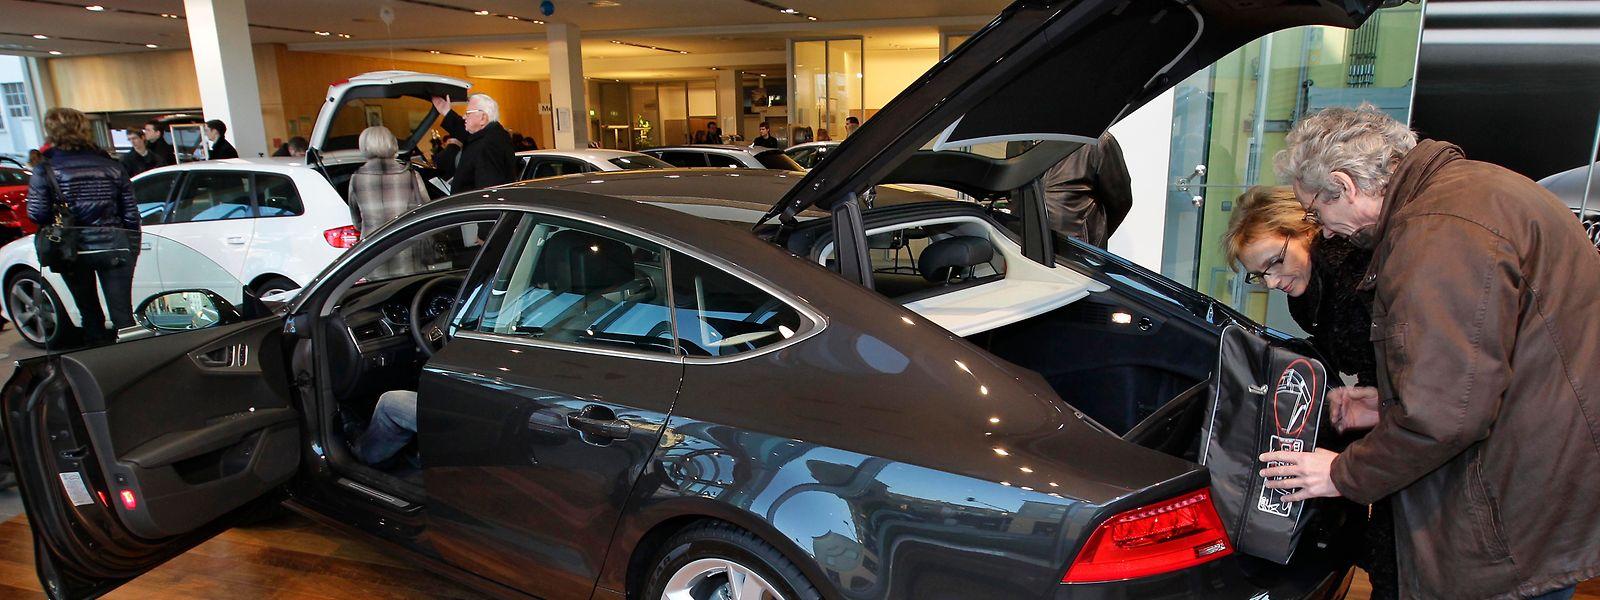 """Der deutsche Verkehrminister Alexander Dobrindt hatte bekannt gegeben, dass Audi eine """"unzulässige Abgas-Software"""" in den Oberklasse-Modellen Audi A8 und A7 mit V6- und V8-Dieselmotoren verwendet habe."""